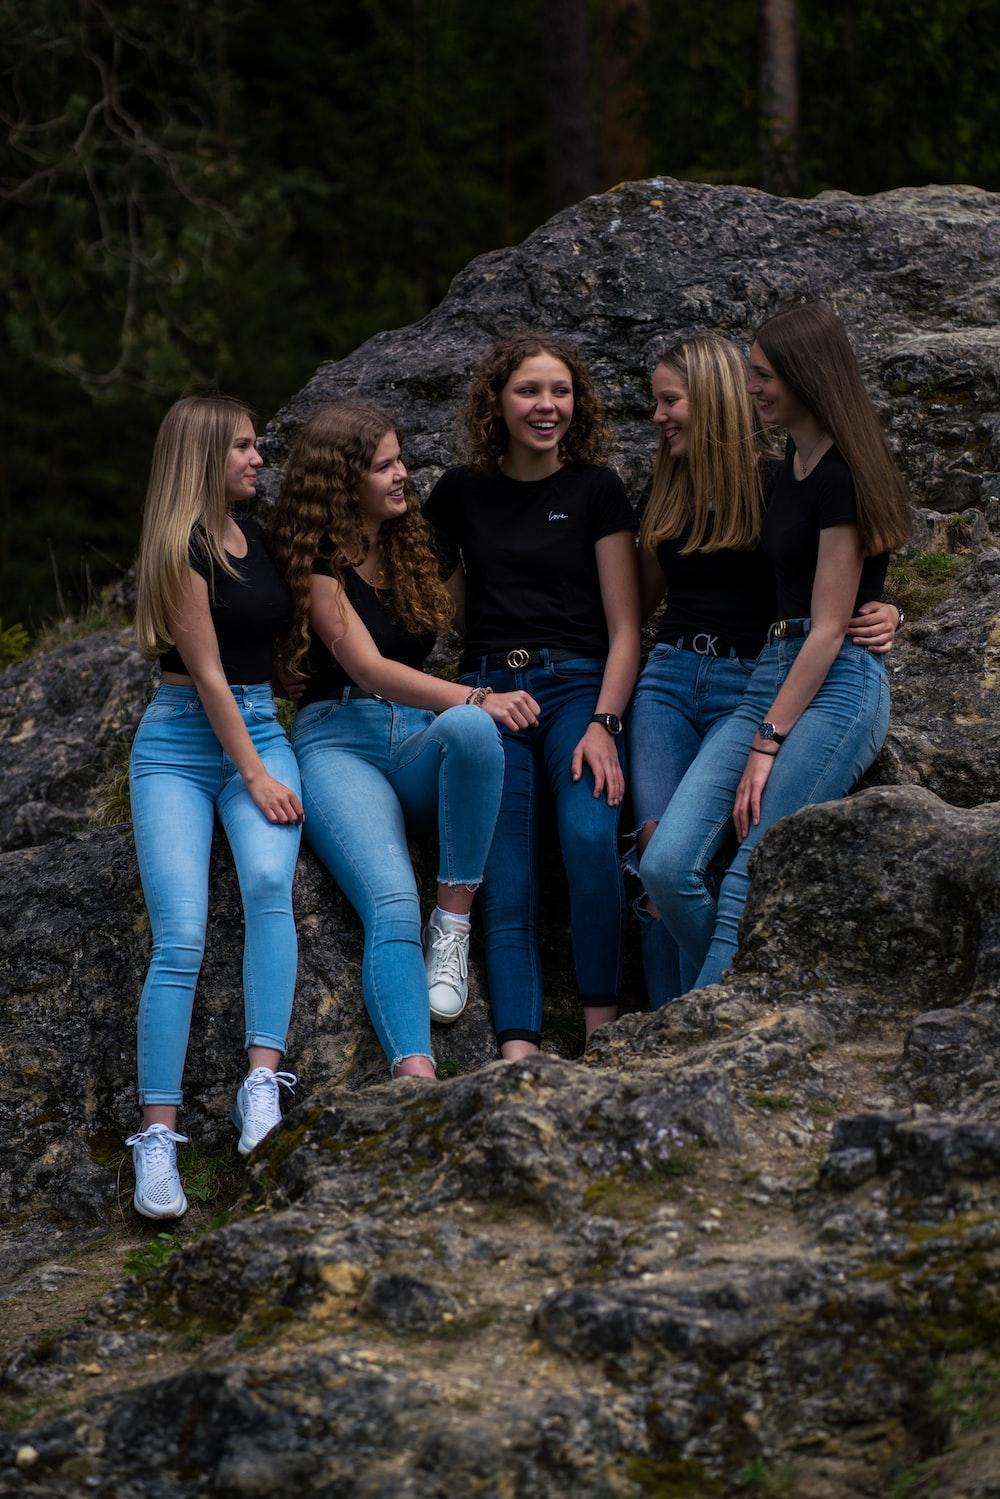 3 women sitting on rock